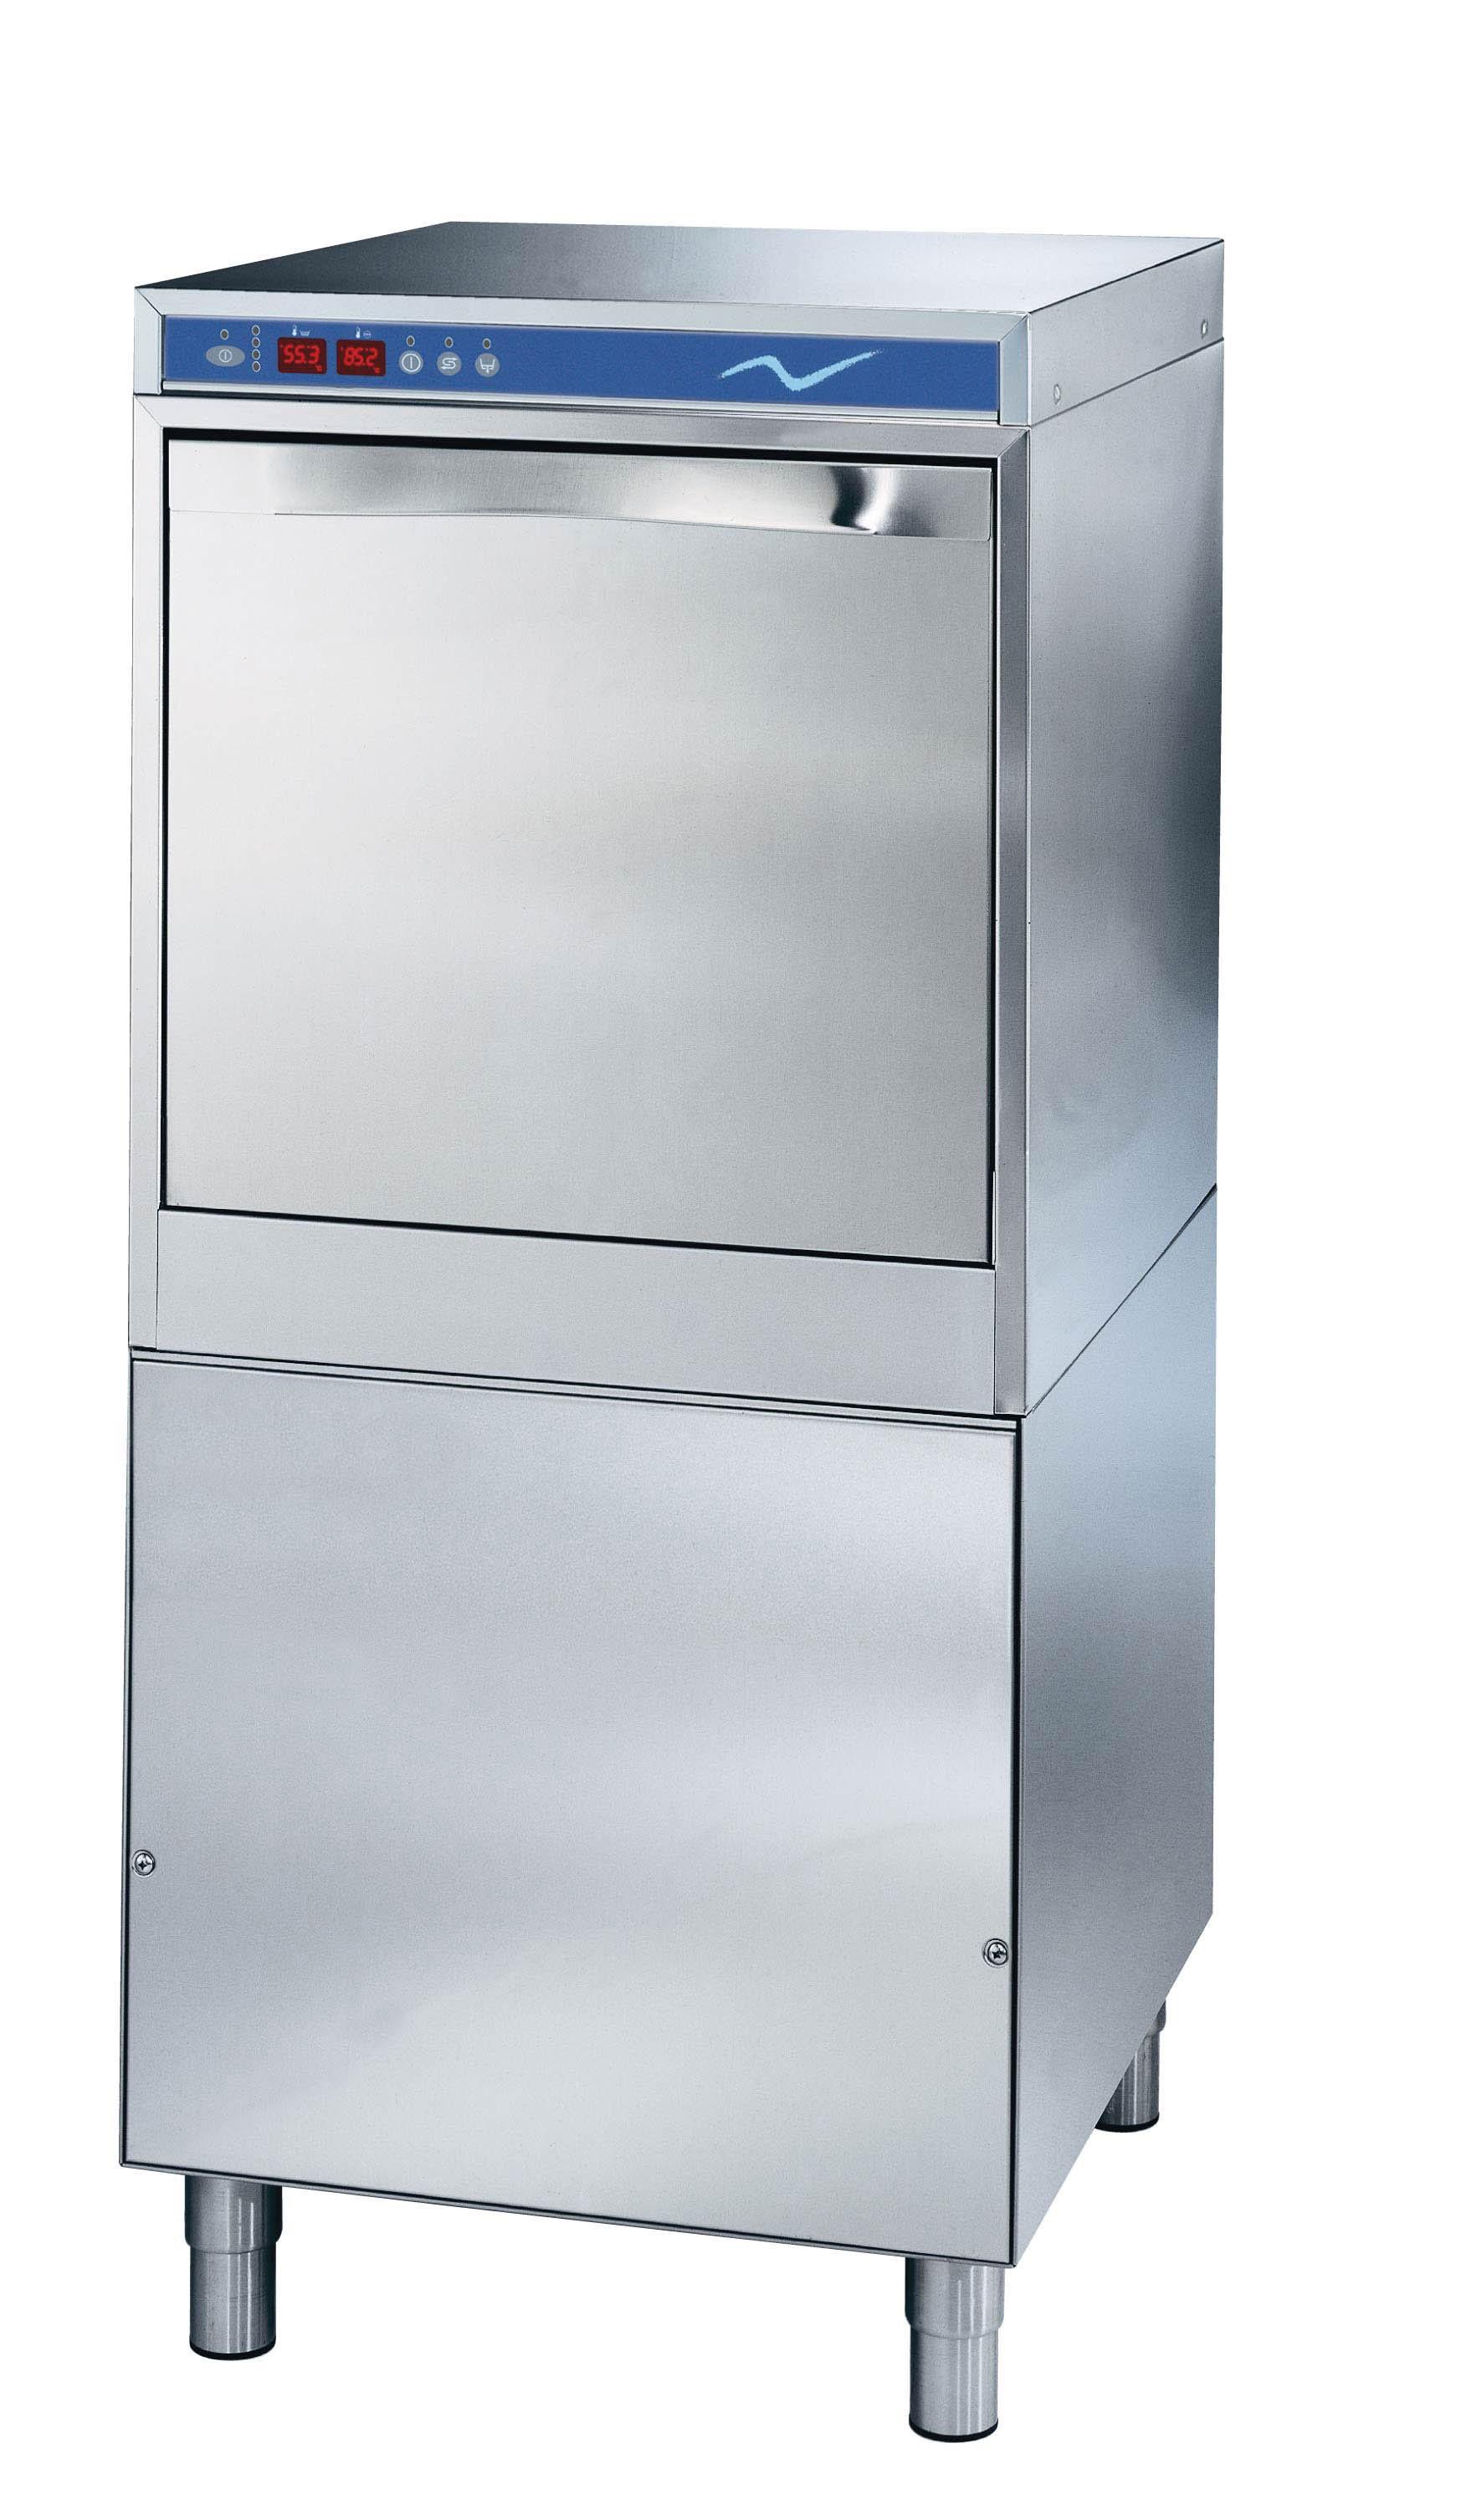 Modèles Disponibles : LP 1 S5 PLUS / LP 1 S5 PLUS DDEL 600 X P 700 X H 1380  Mm ( Pieds Vissés ) Lave Batterie ...